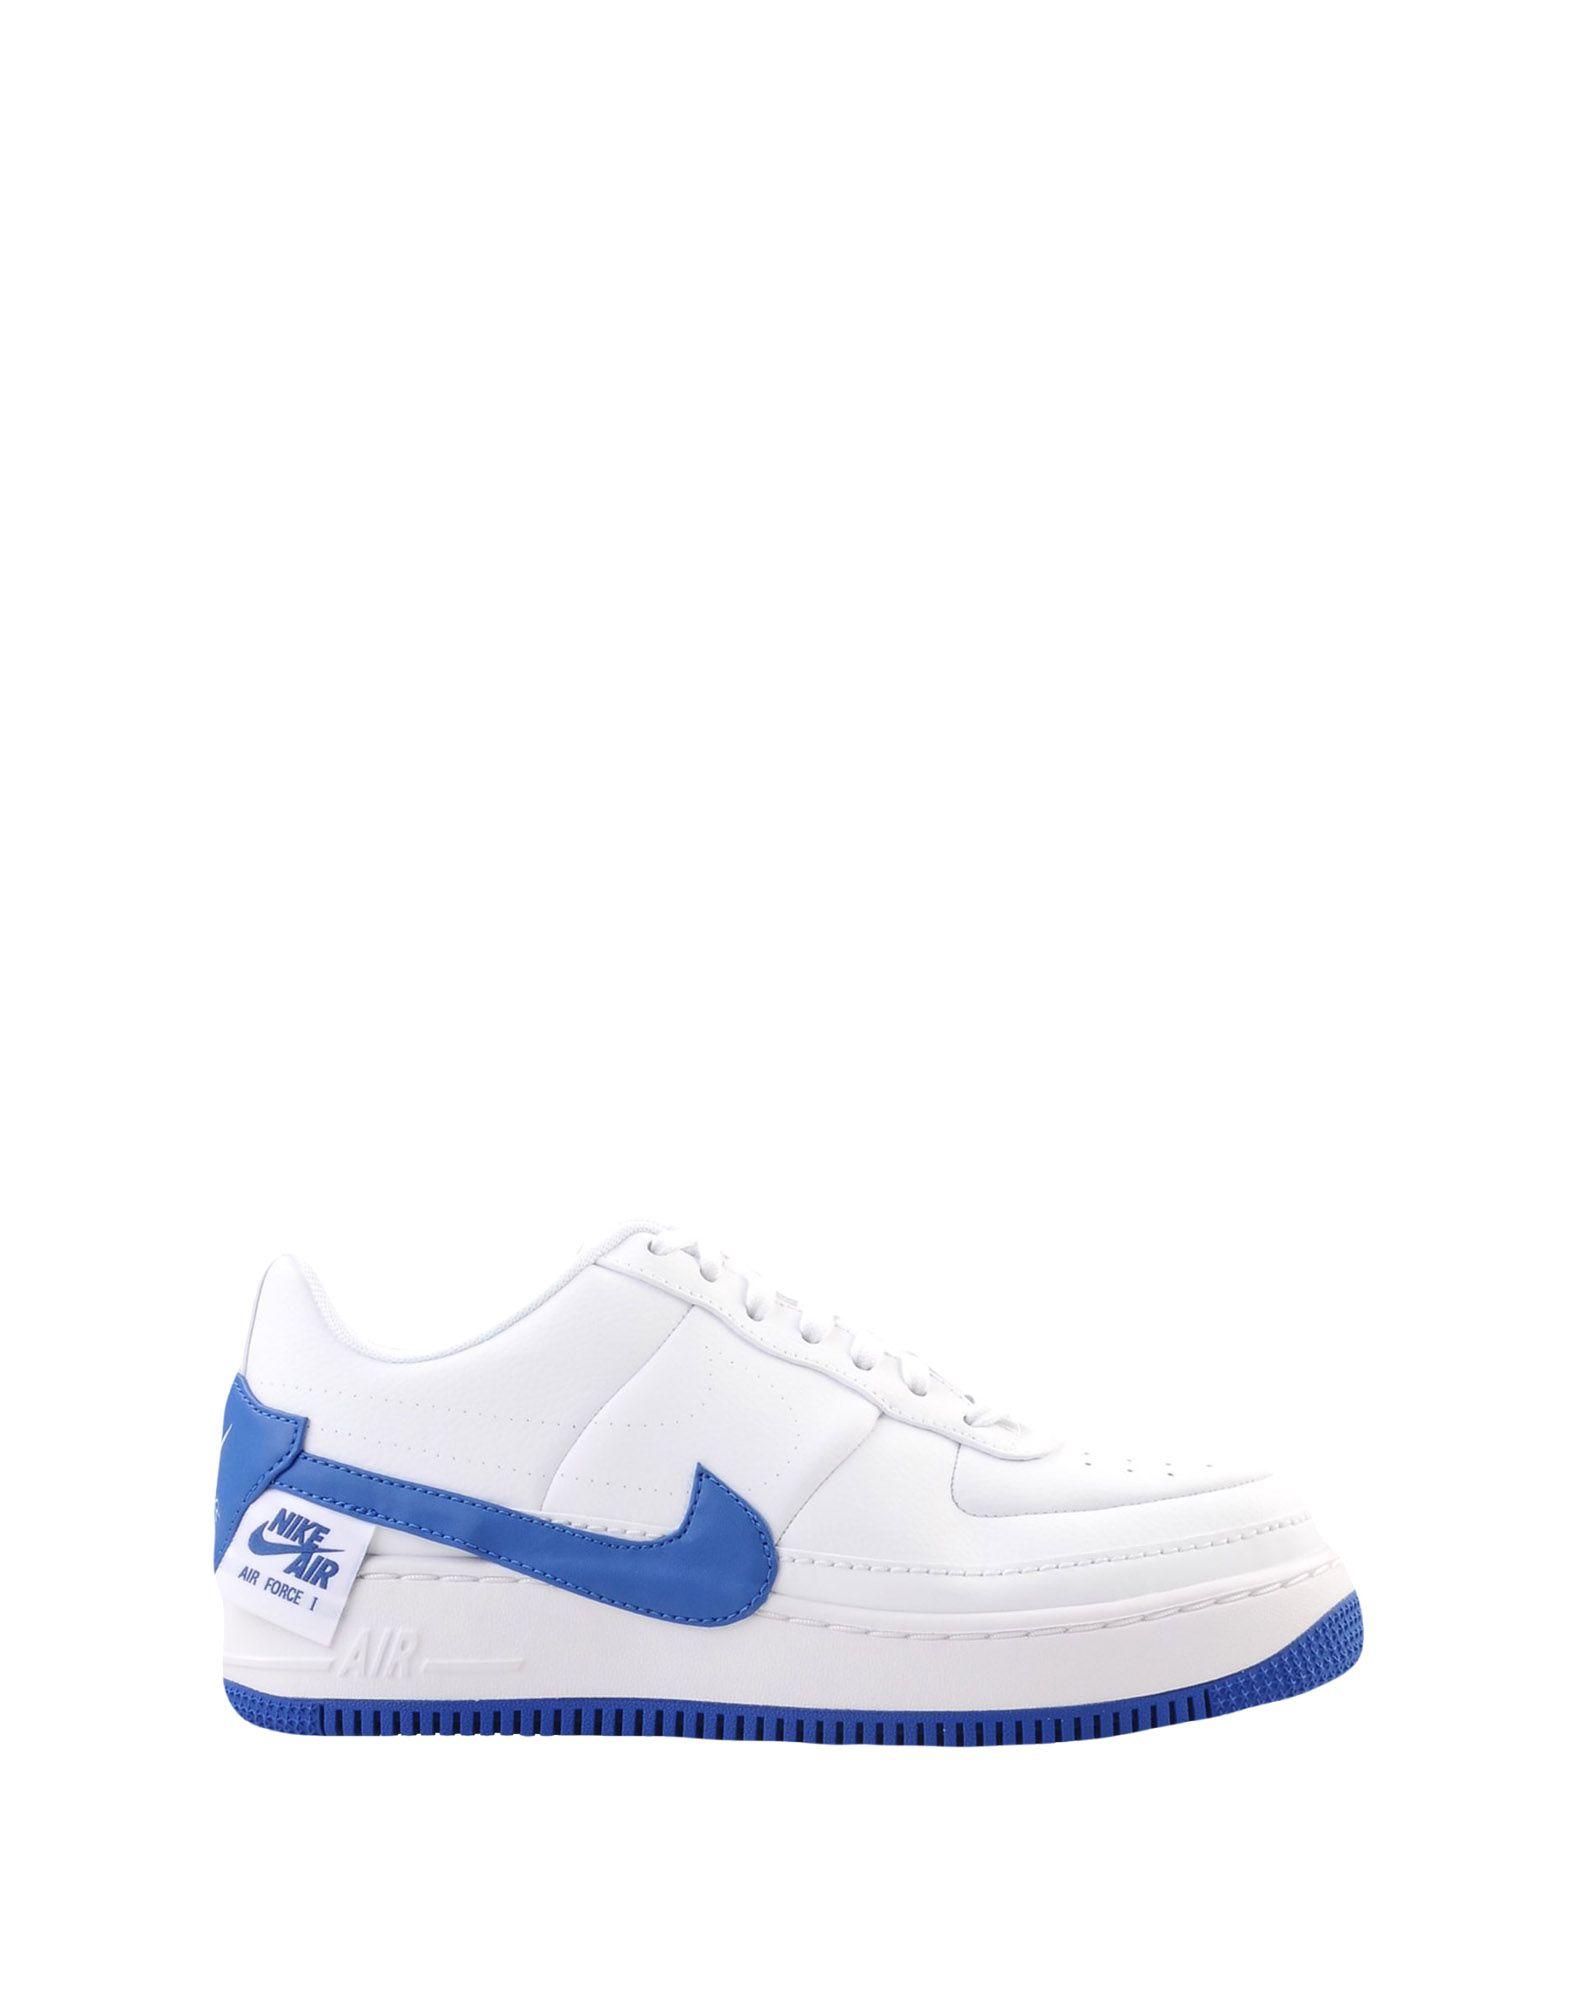 Nike Af1 Jester Jester Jester Xx - Sneakers - Men Nike Sneakers online on  United Kingdom - 11567105EB ea339c